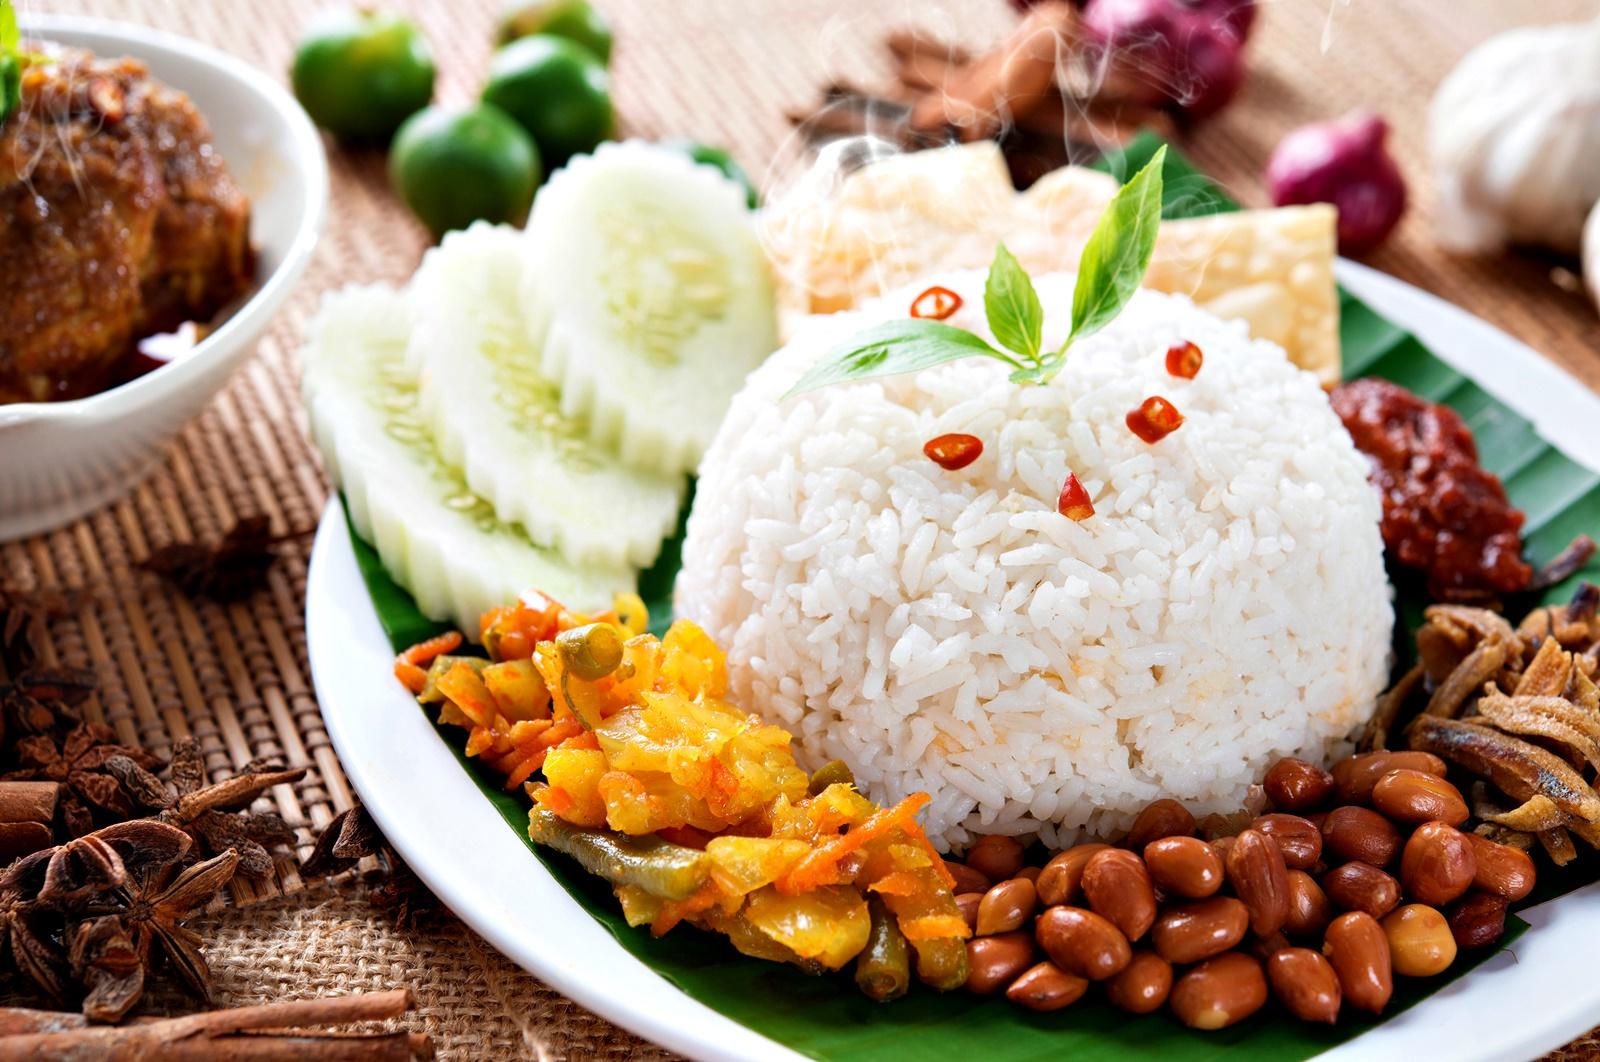 В Малайзия празникът отново е свързан с жътвата. Той се отбелязва през май с двудневен национален фестивал с музика, танци, специфични ритуали и много ядене на ориз.